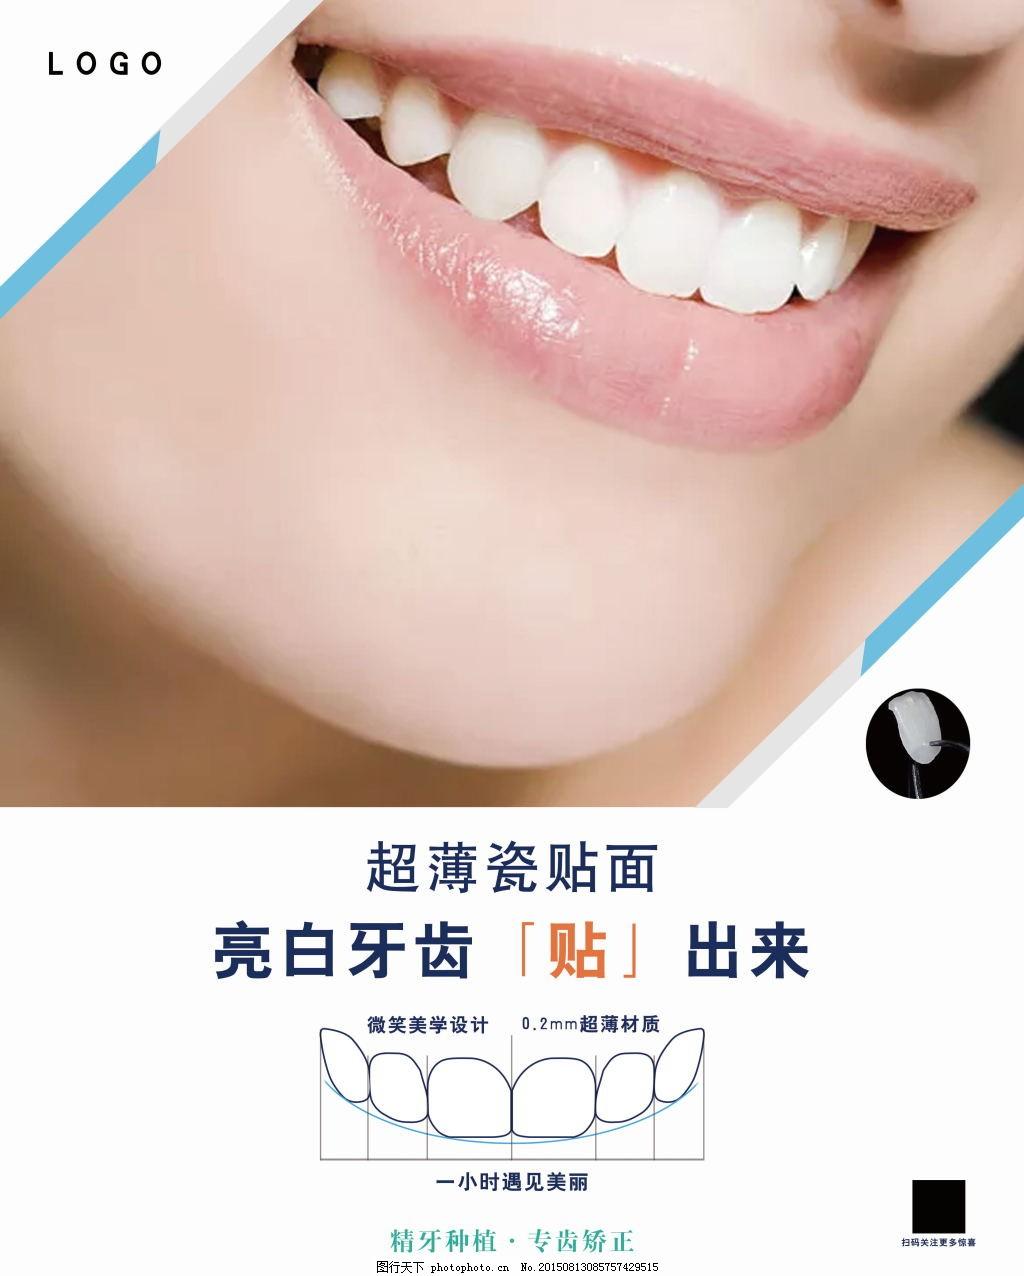 瓷贴面商业宣传海报展板 口腔 口腔海报 口腔宣传